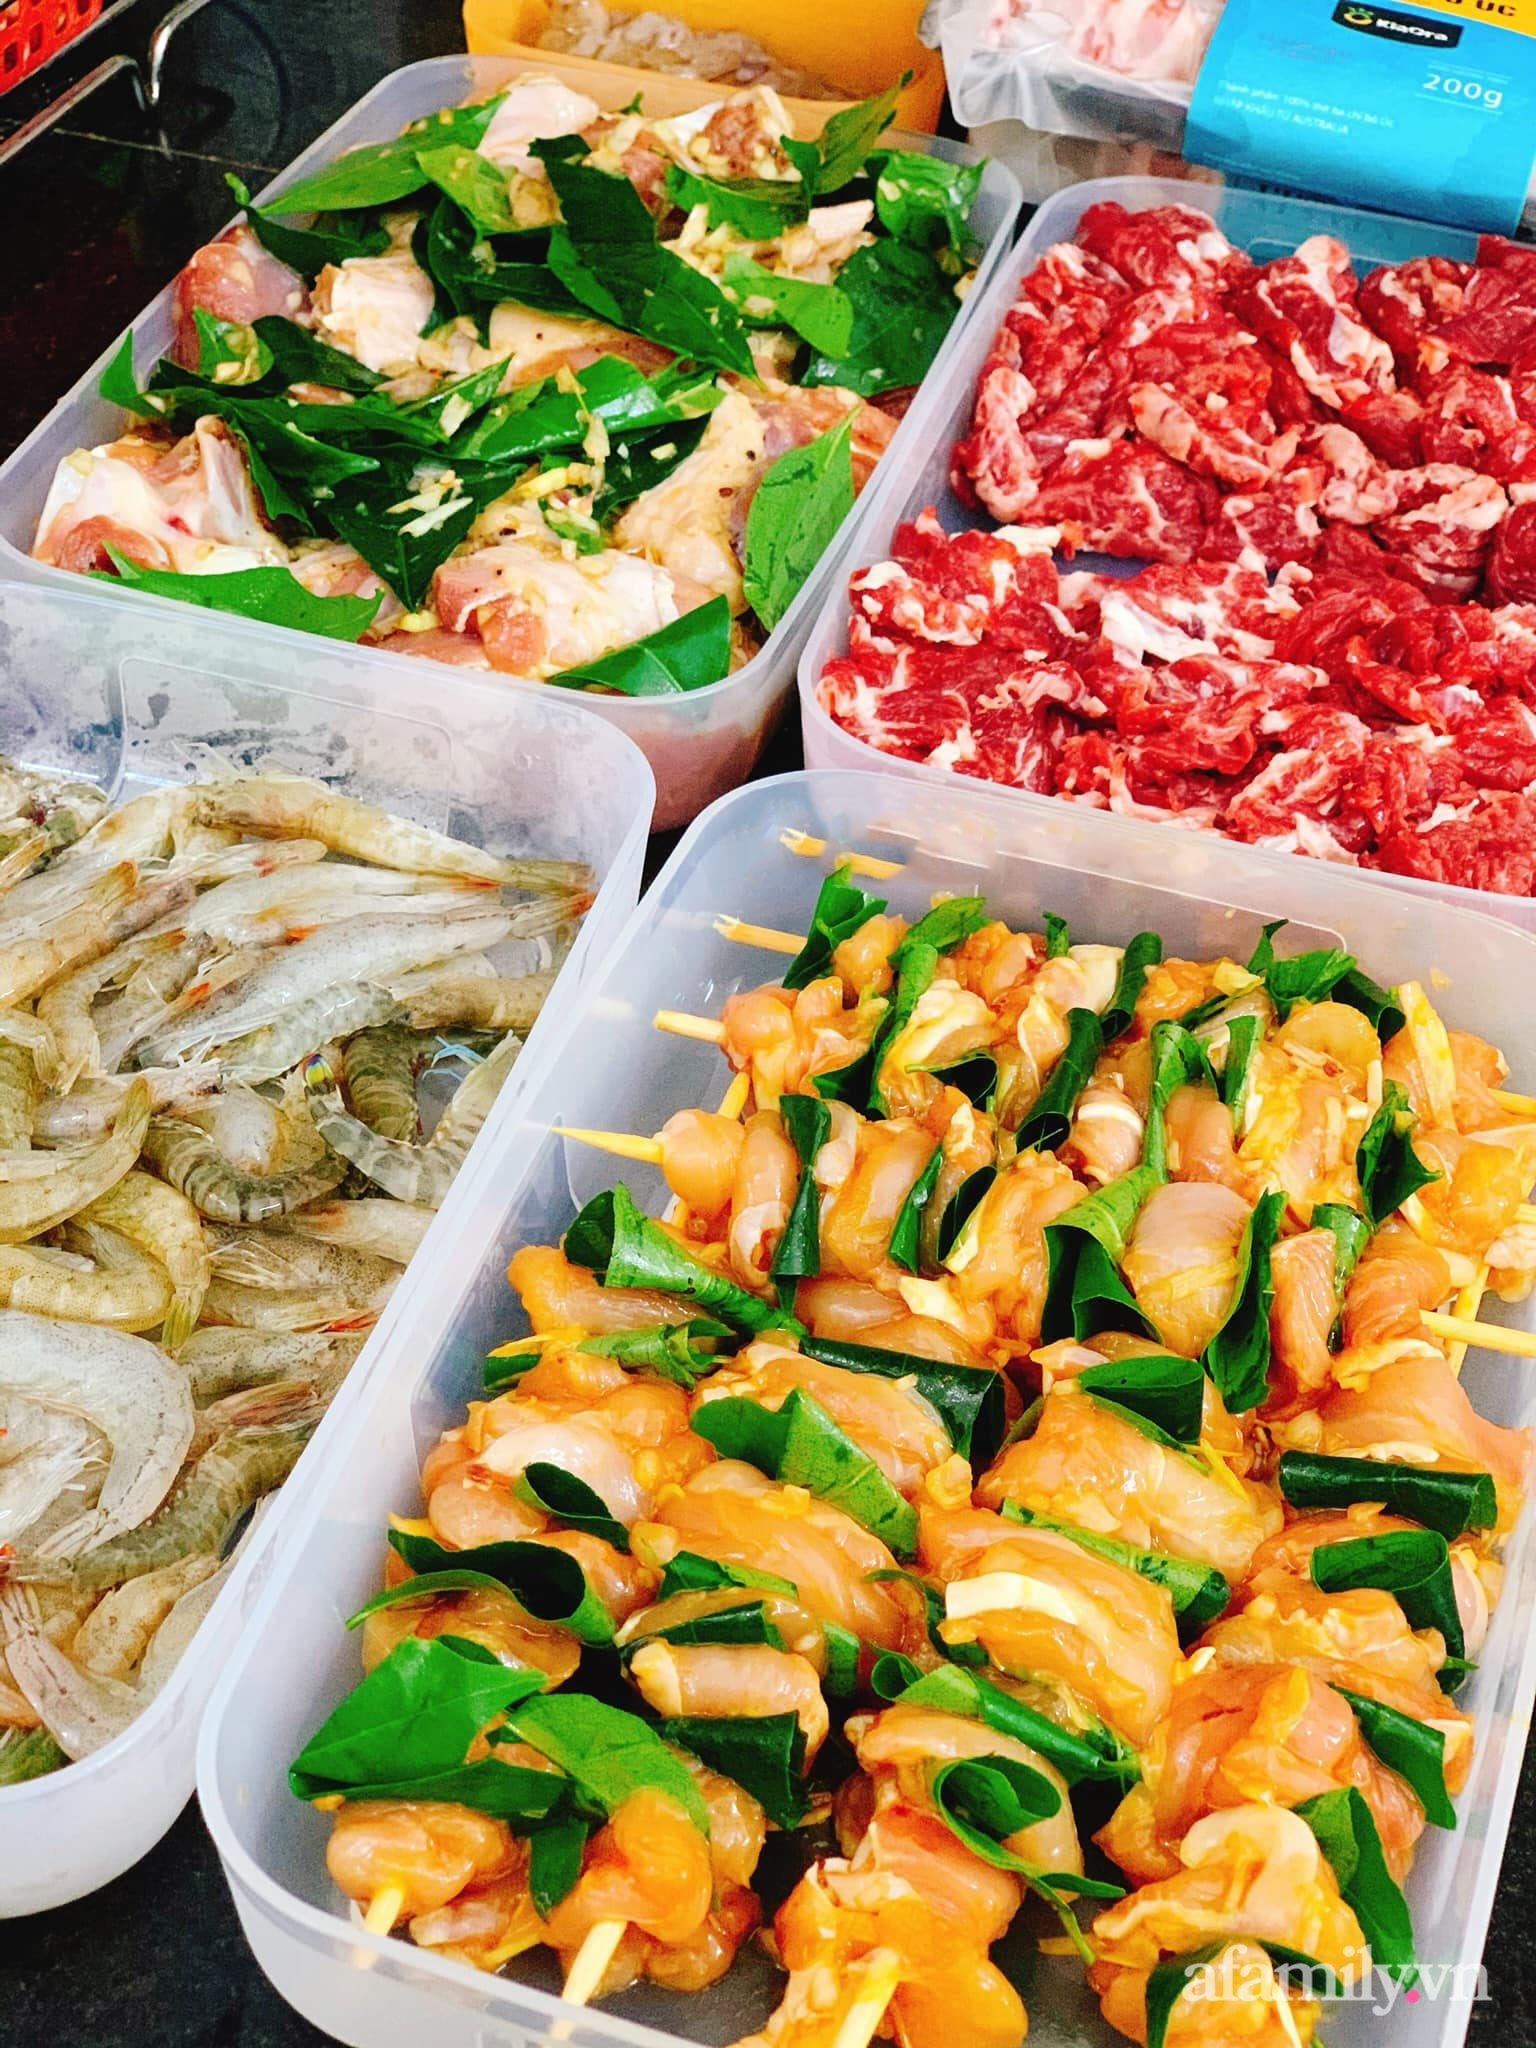 Bà nội trợ ở Quảng Ninh tiết lộ 9 bí kíp chọn mua thực phẩm tươi ngon cho chị em-18